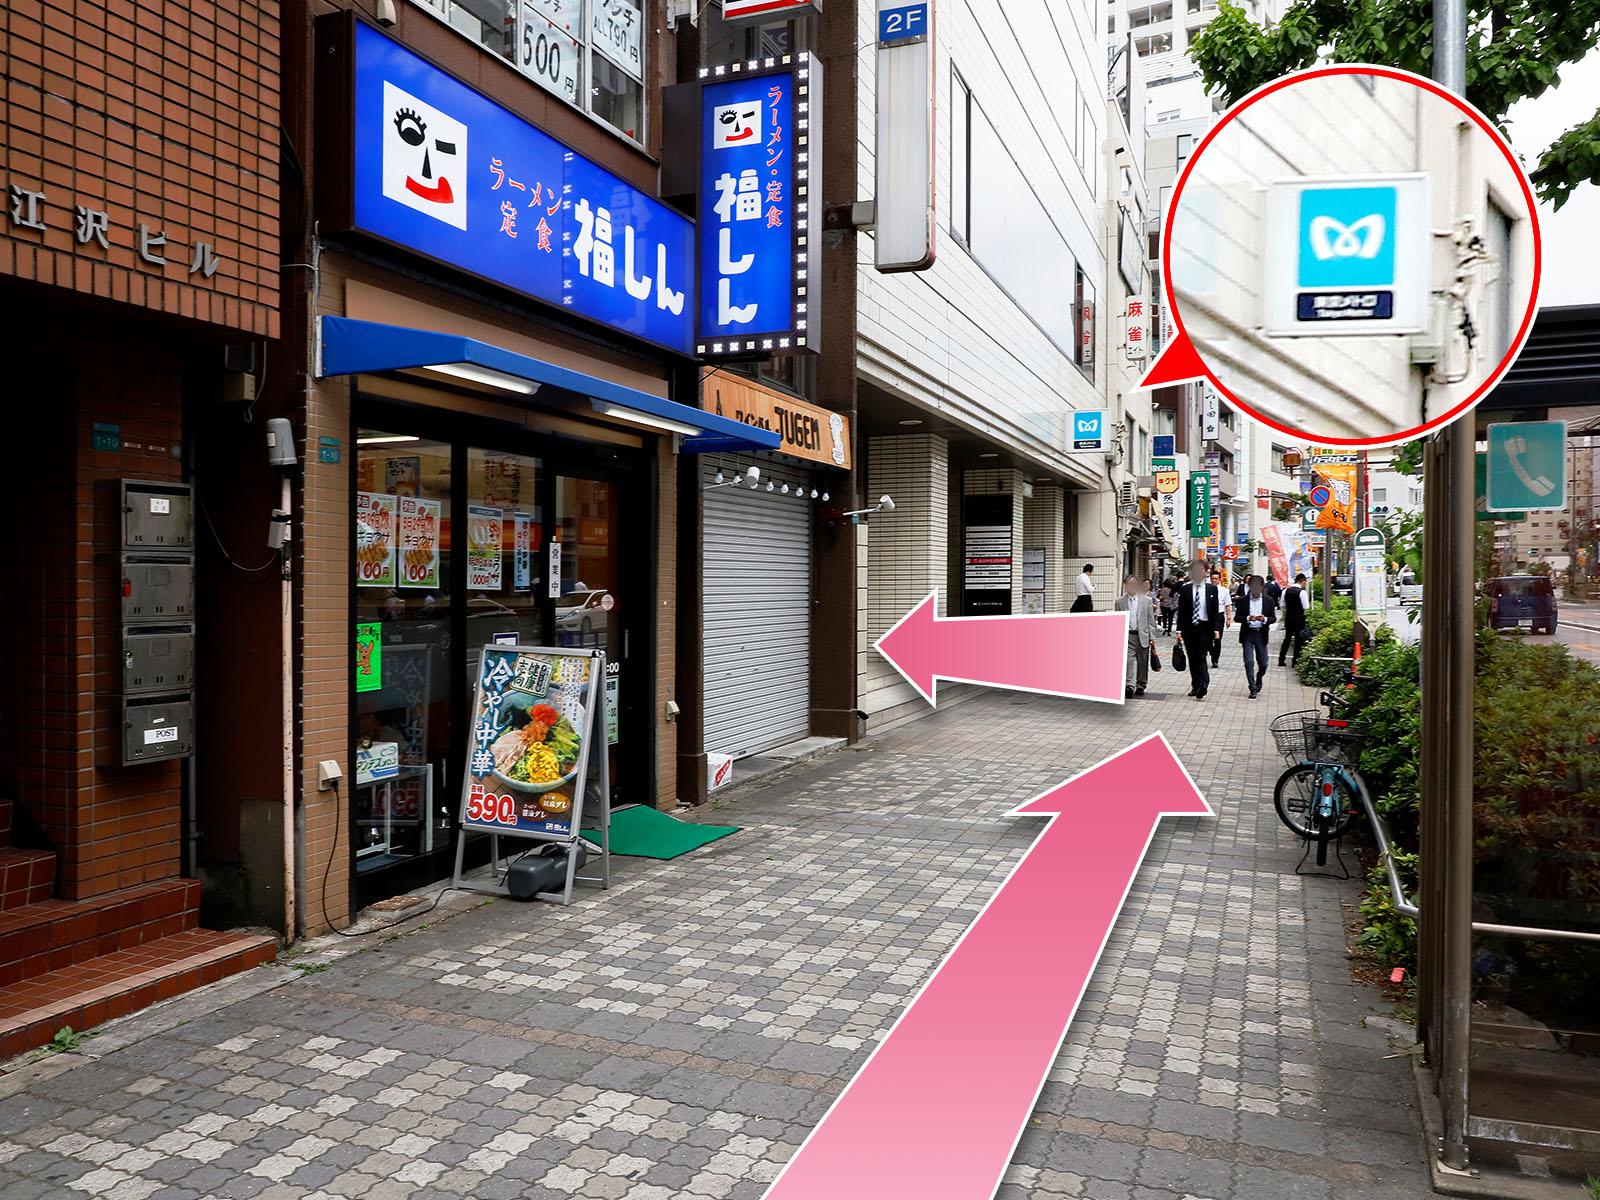 東京中央美容外科池袋西口院池袋駅西口地上出口ルート06